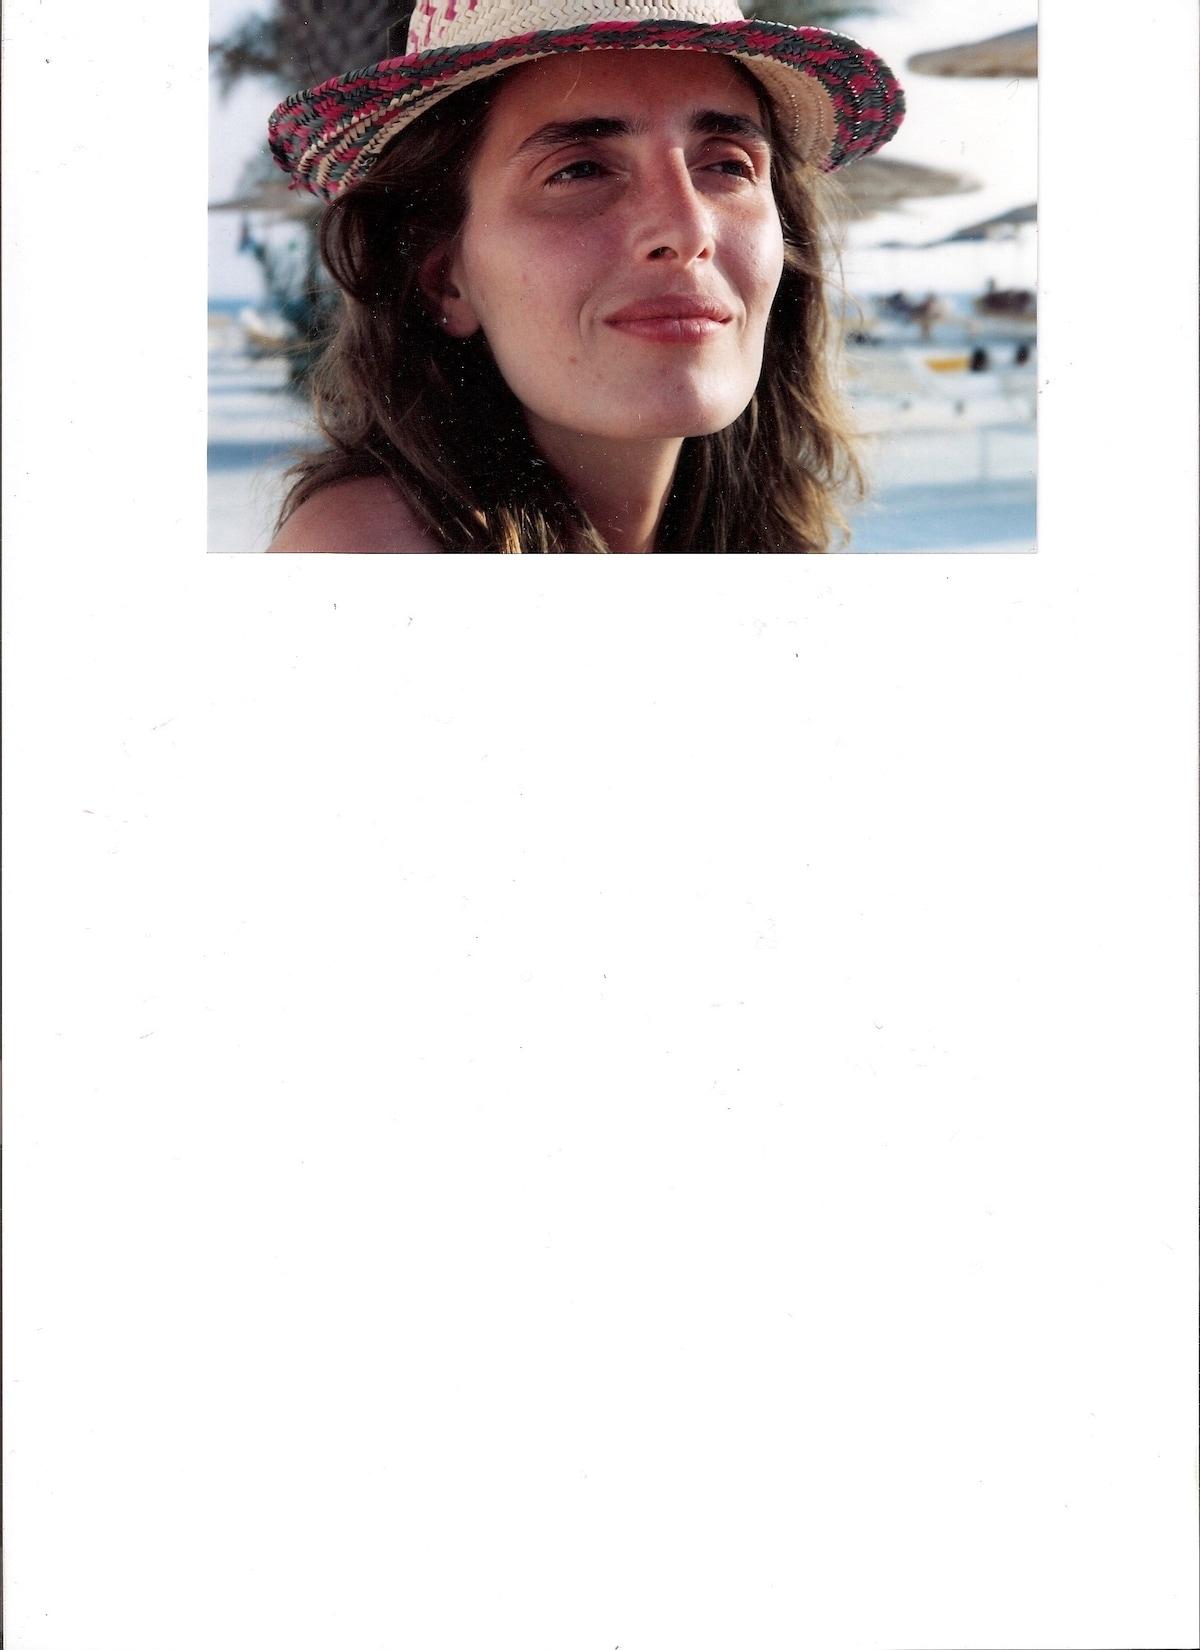 Marinella from Panzano In Chianti